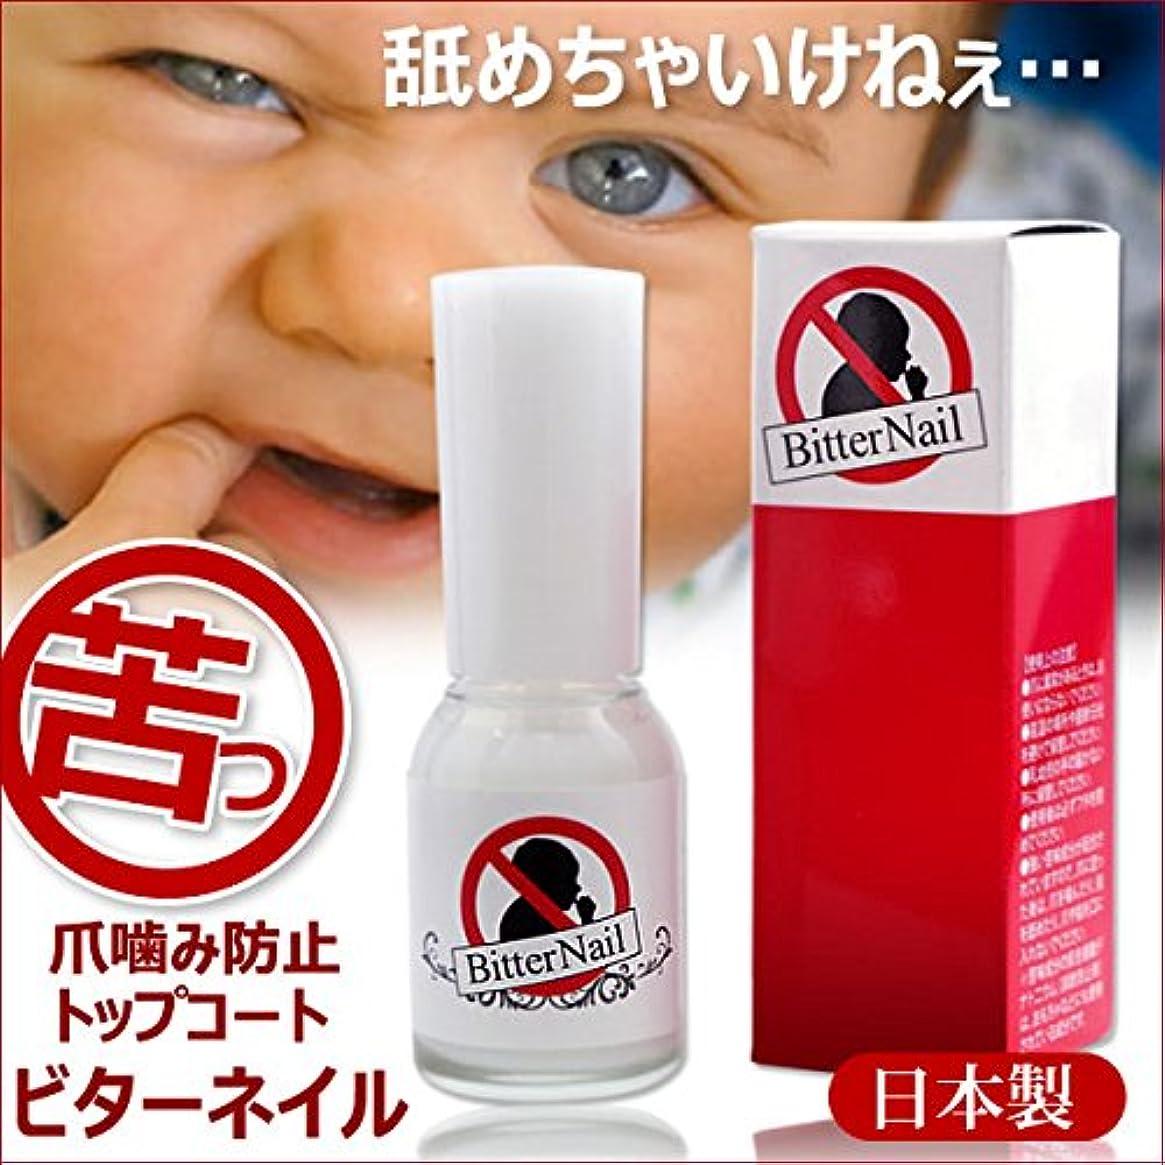 についてコールド物足りないビターネイル 10ml 日本製爪噛み防止トップコート 増量版 爪噛み 指しゃぶり